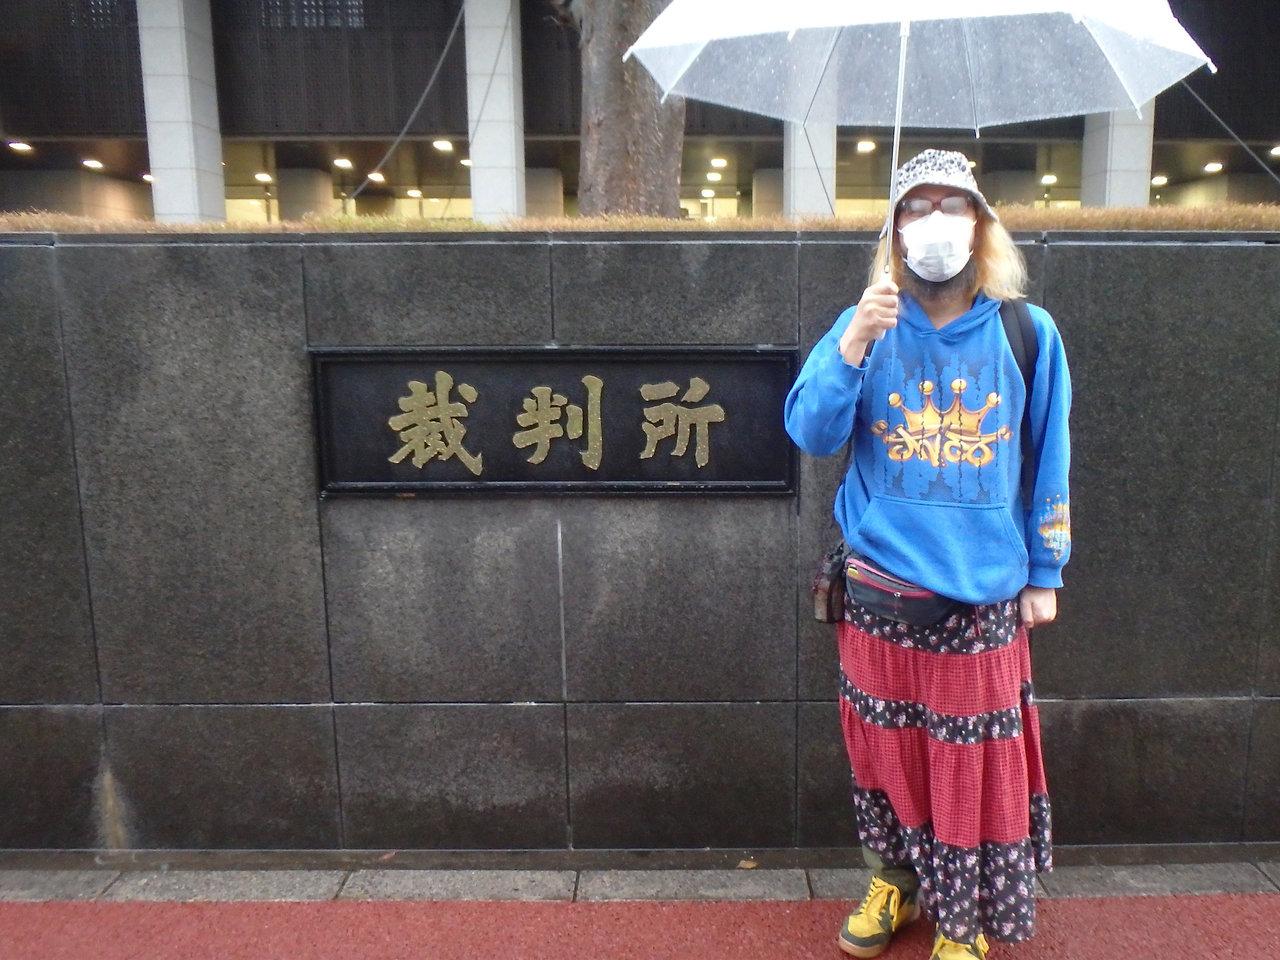 阿曽山大噴火さんに聞いてきた「はじめての裁判傍聴」(後編)